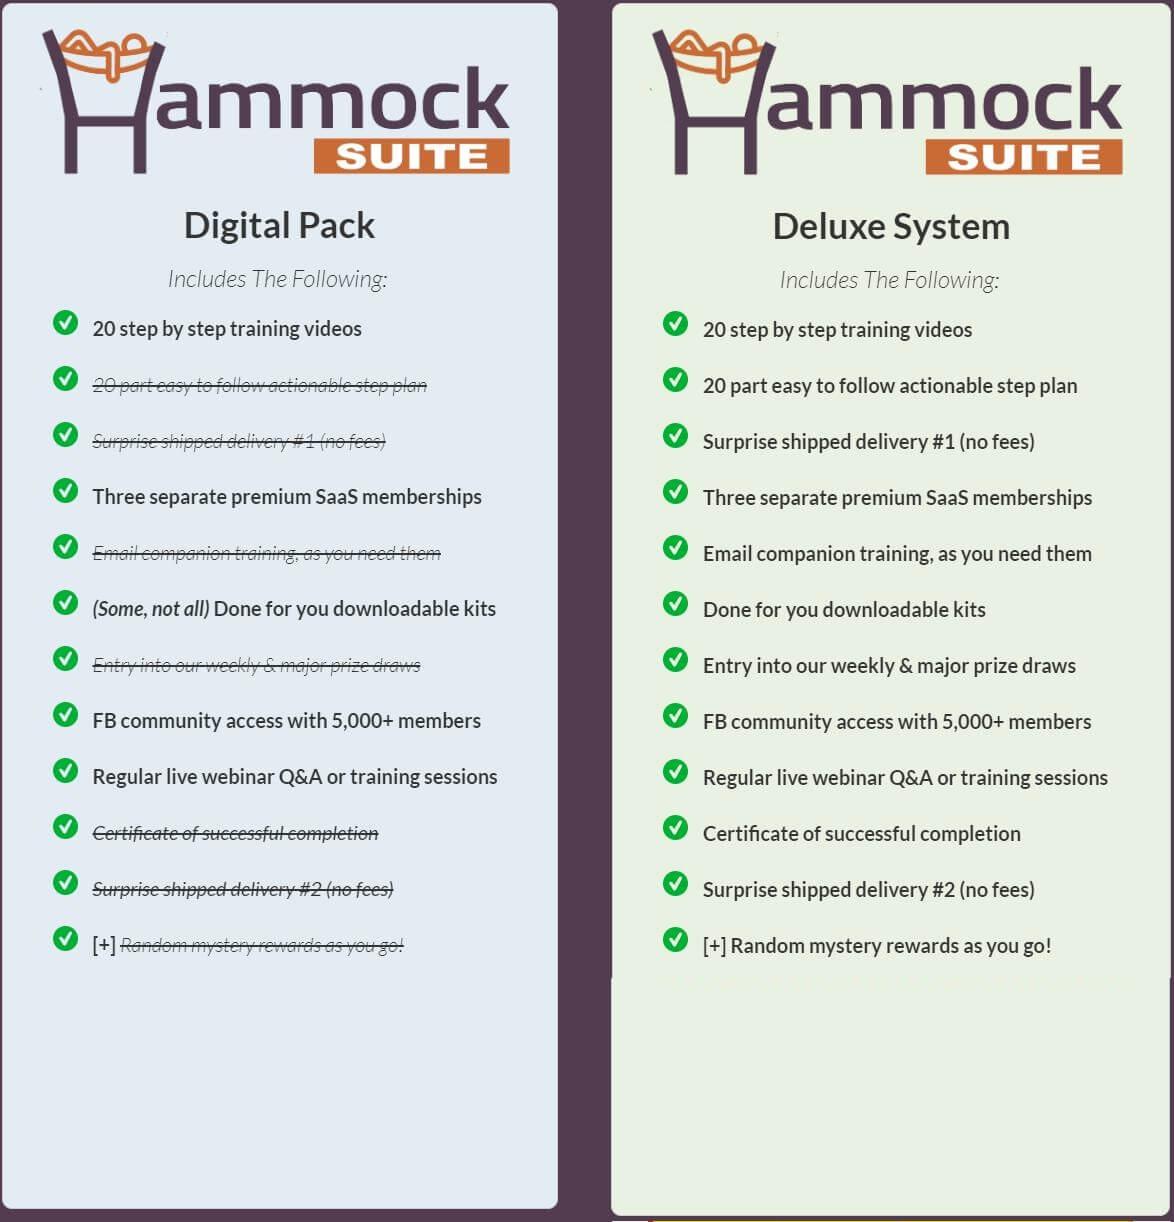 Hammock-Suite-Price